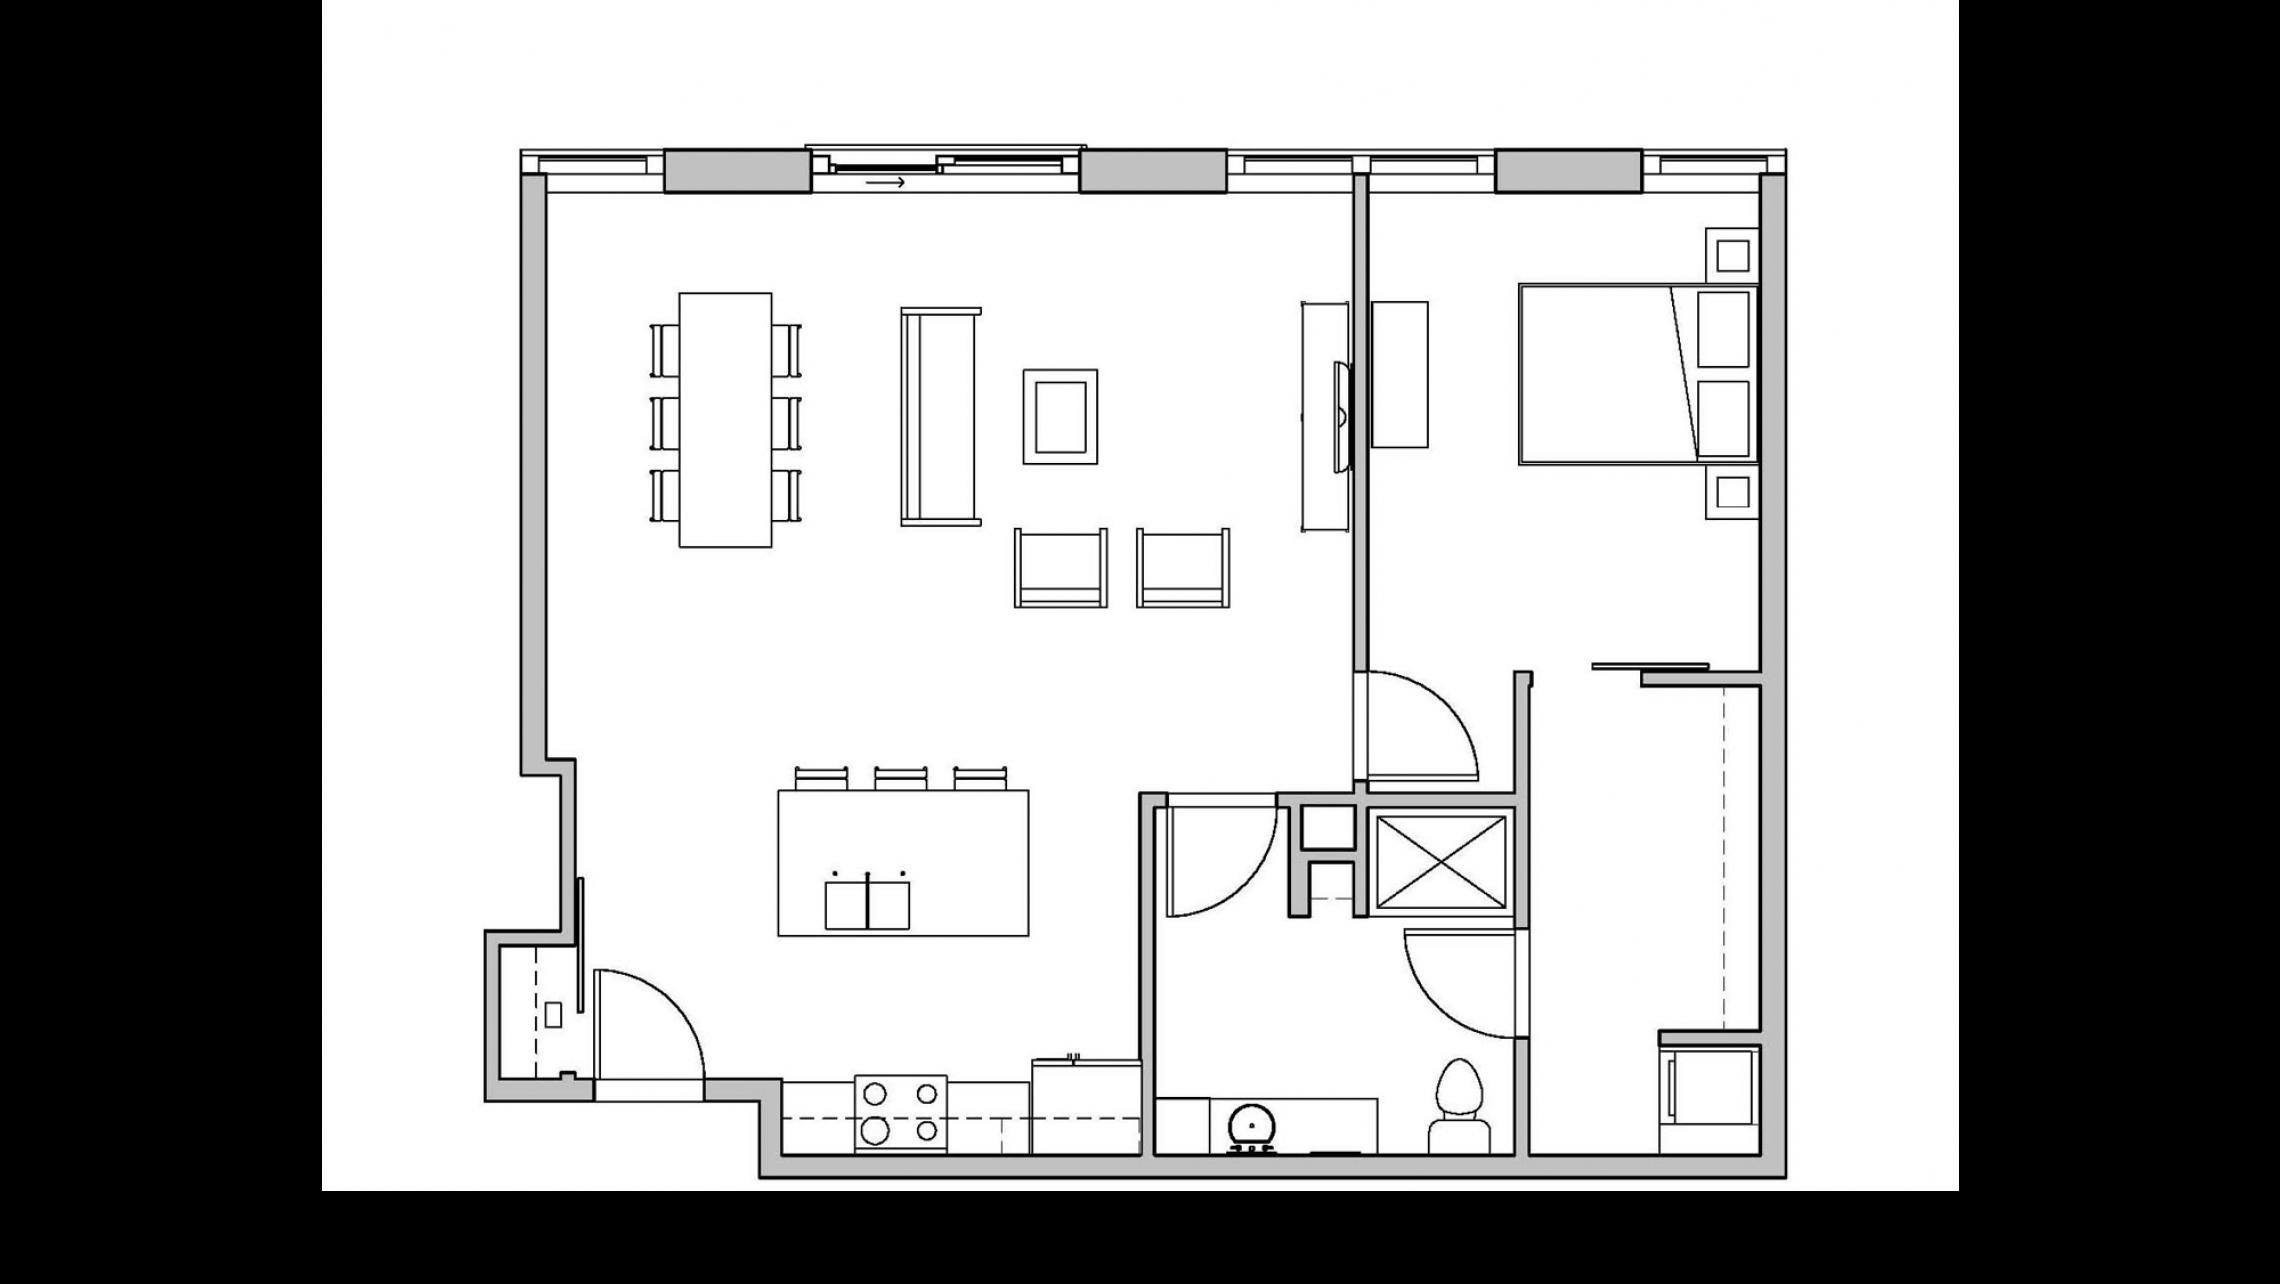 ULI Seven27 316 - One Bedroom, One Bathroom